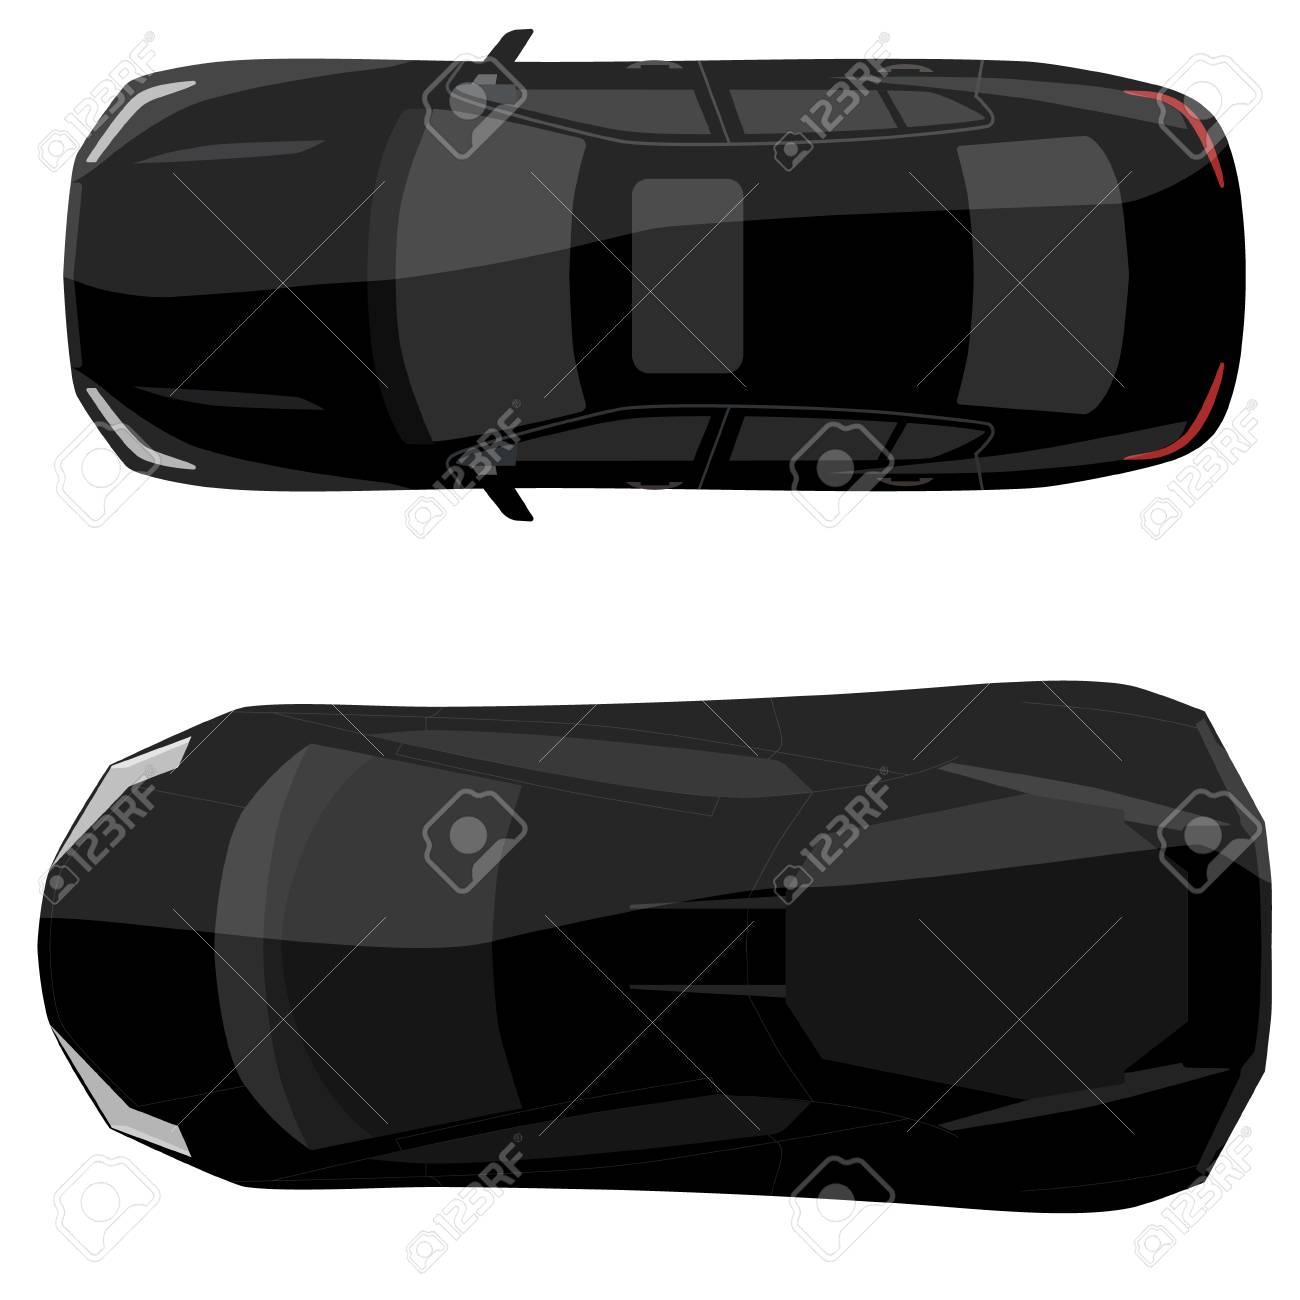 Raster Illustration Black Sedan And Sport Car Top View Generic